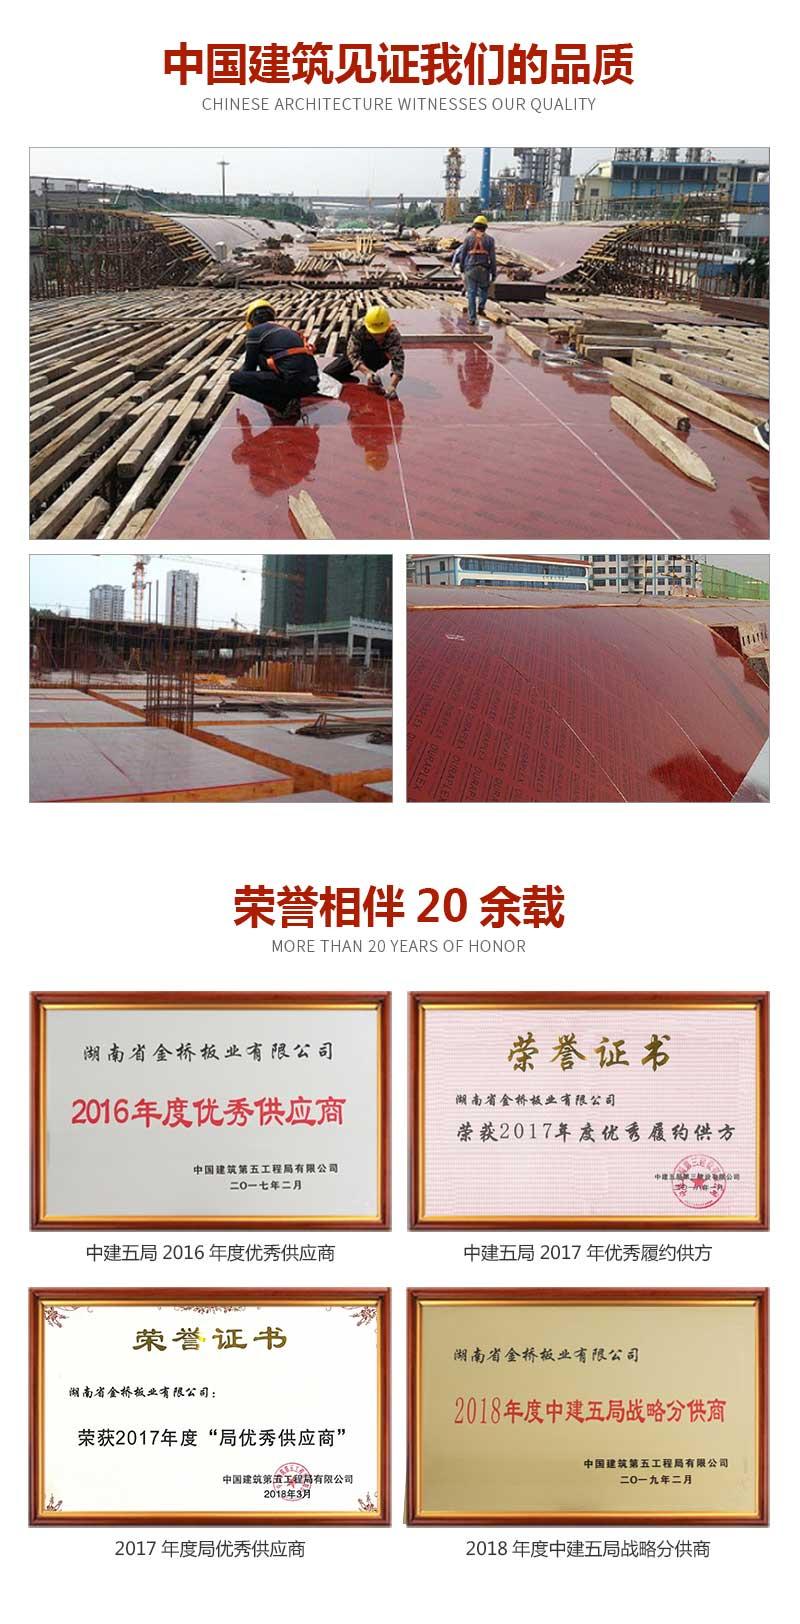 薄帘竹胶板1.22*2.44*1.5金桥板业品质见证